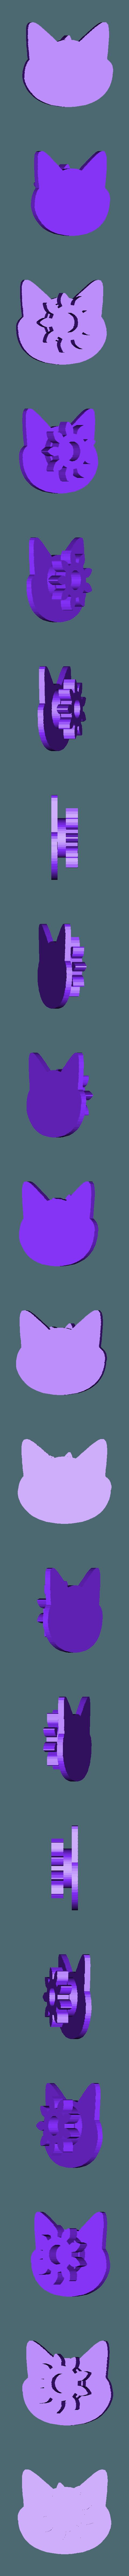 Gears_CenterGear.stl Download free SCAD file Cat gears key chain. • 3D printer object, Urukog